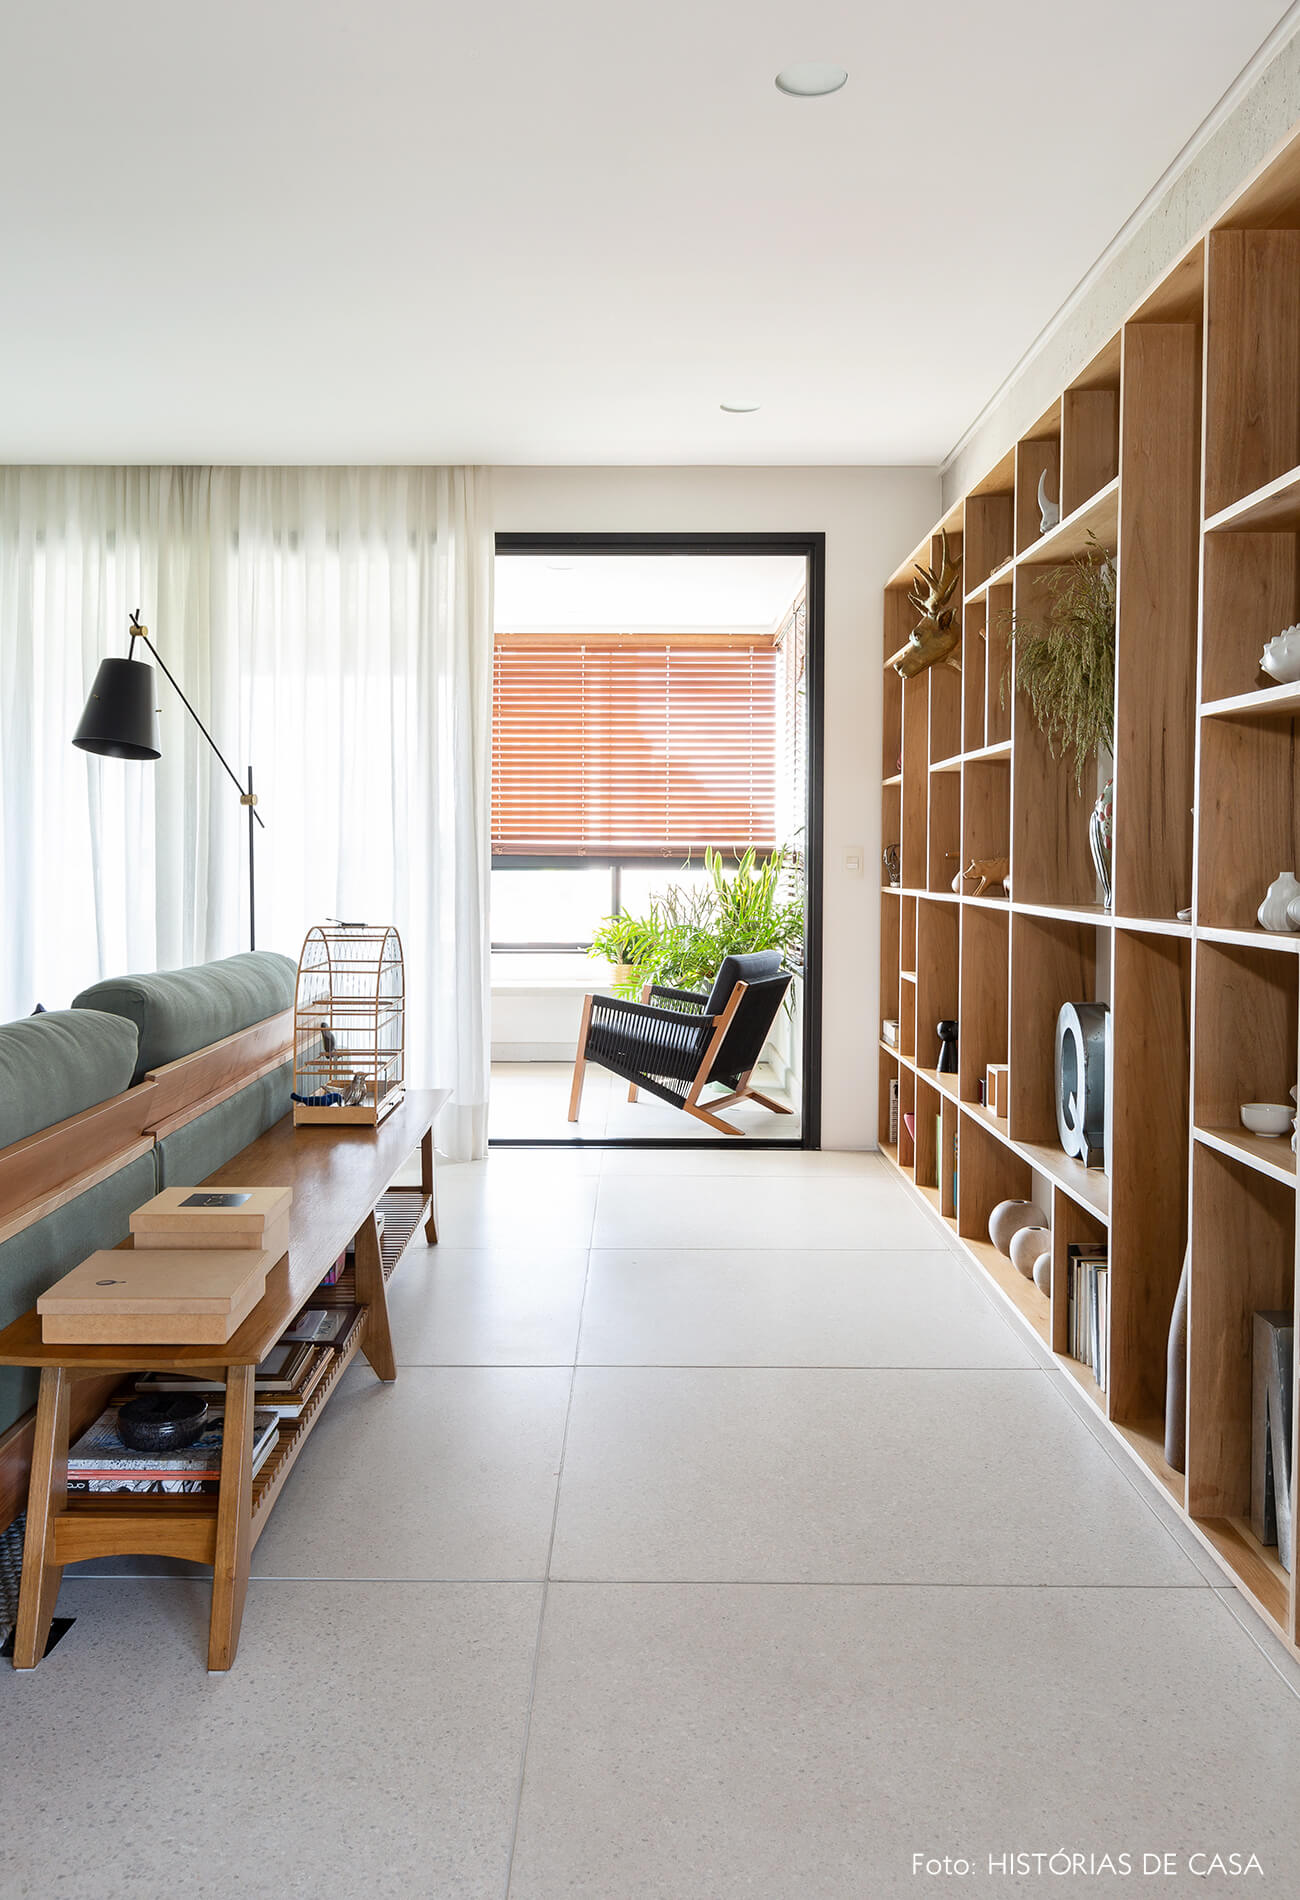 Sala com banco atrás do sofá e estantes de madeira